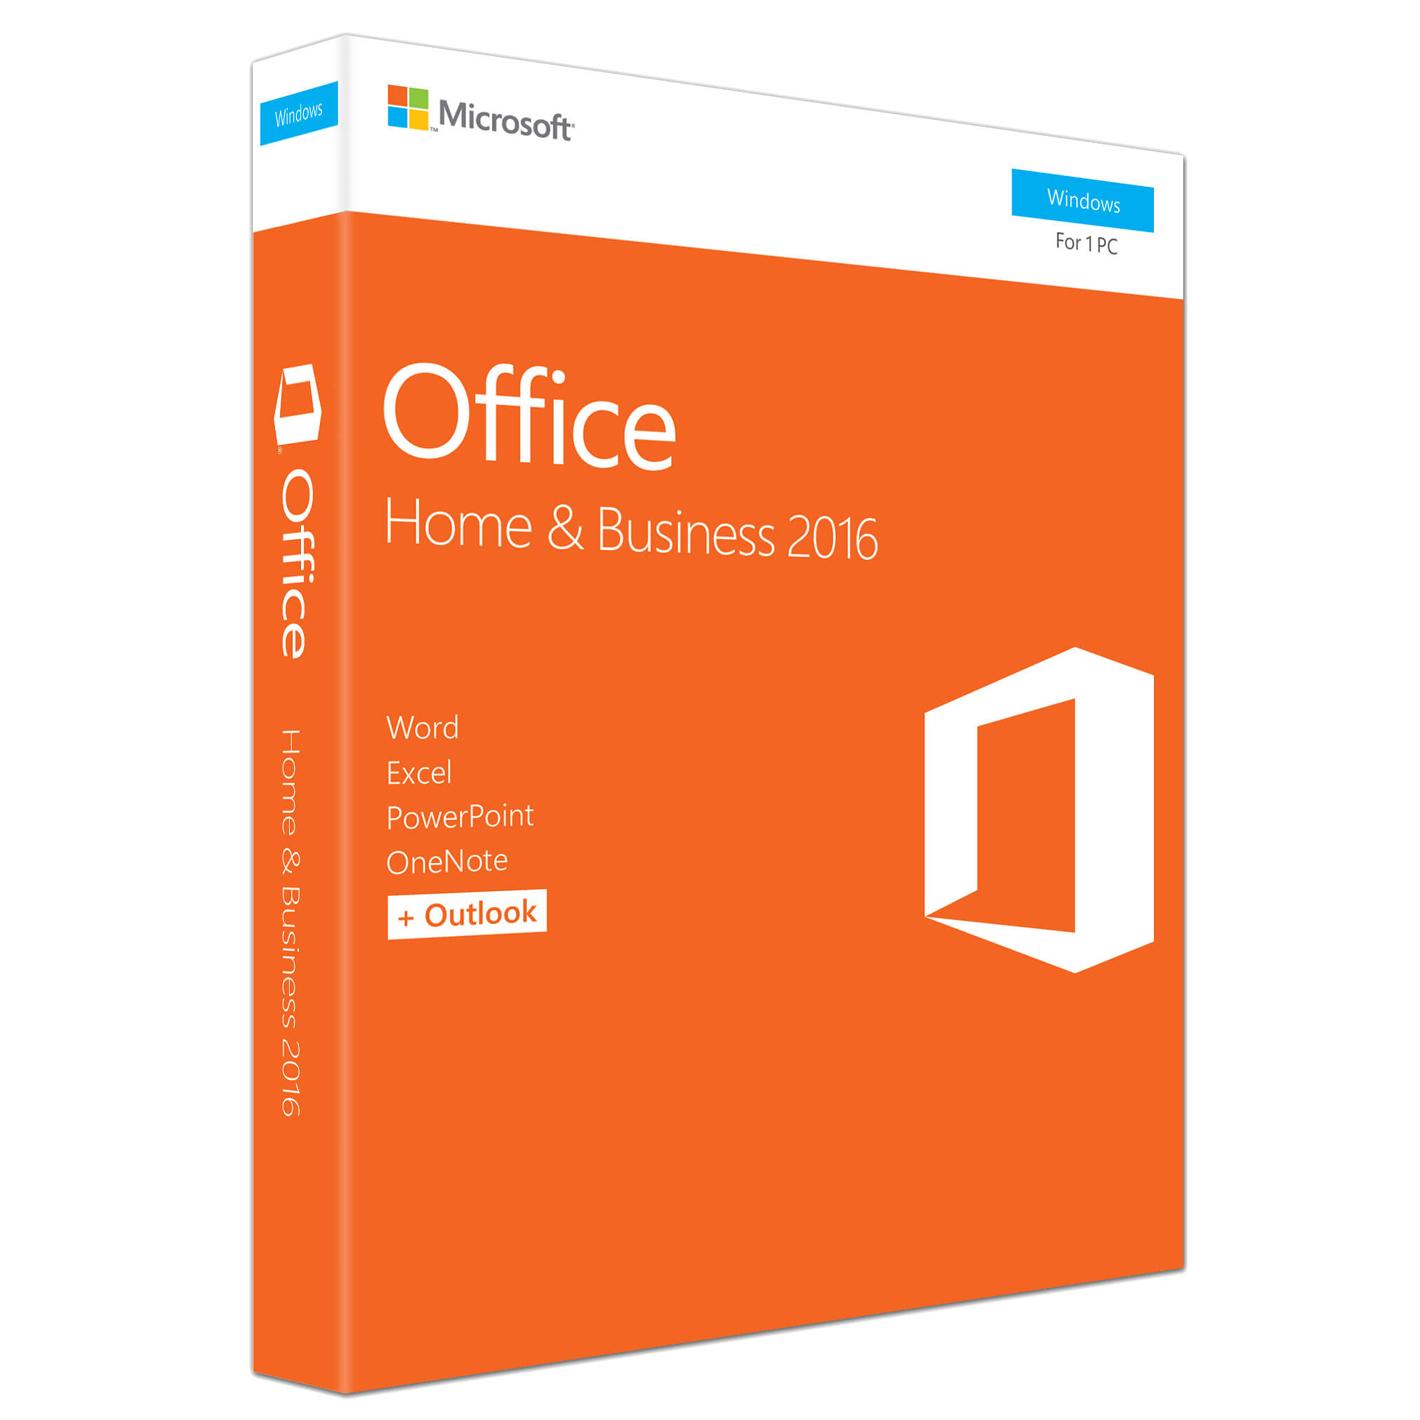 Microsoft Office Home & Business 2016 Completo 1 licencia(s) Plurilingüe